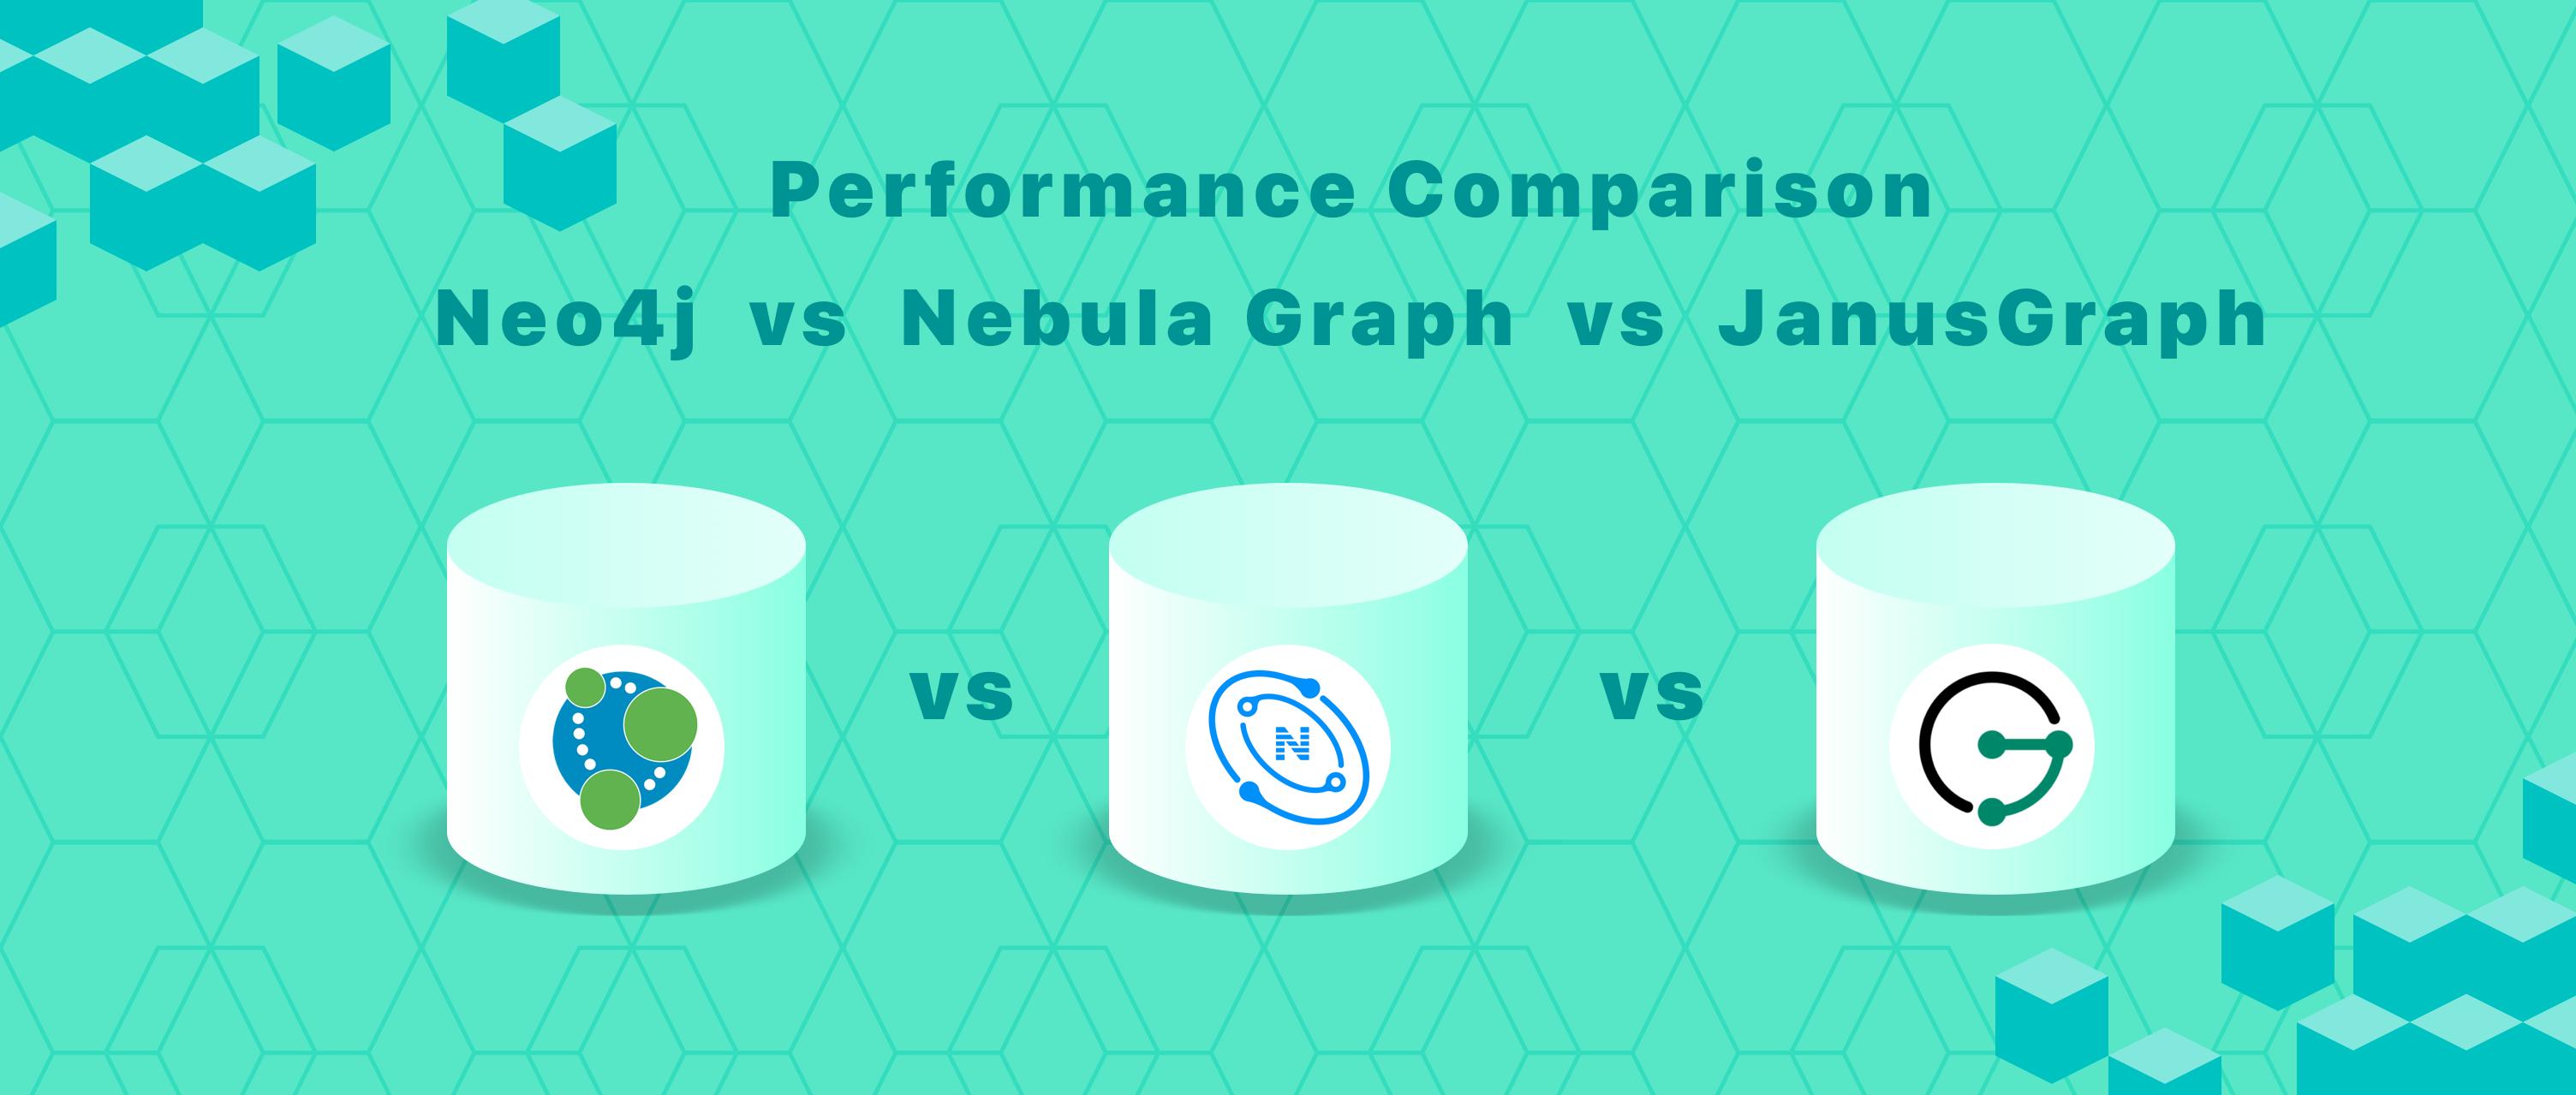 Performance Comparison: Neo4j vs Nebula Graph vs JanusGraph